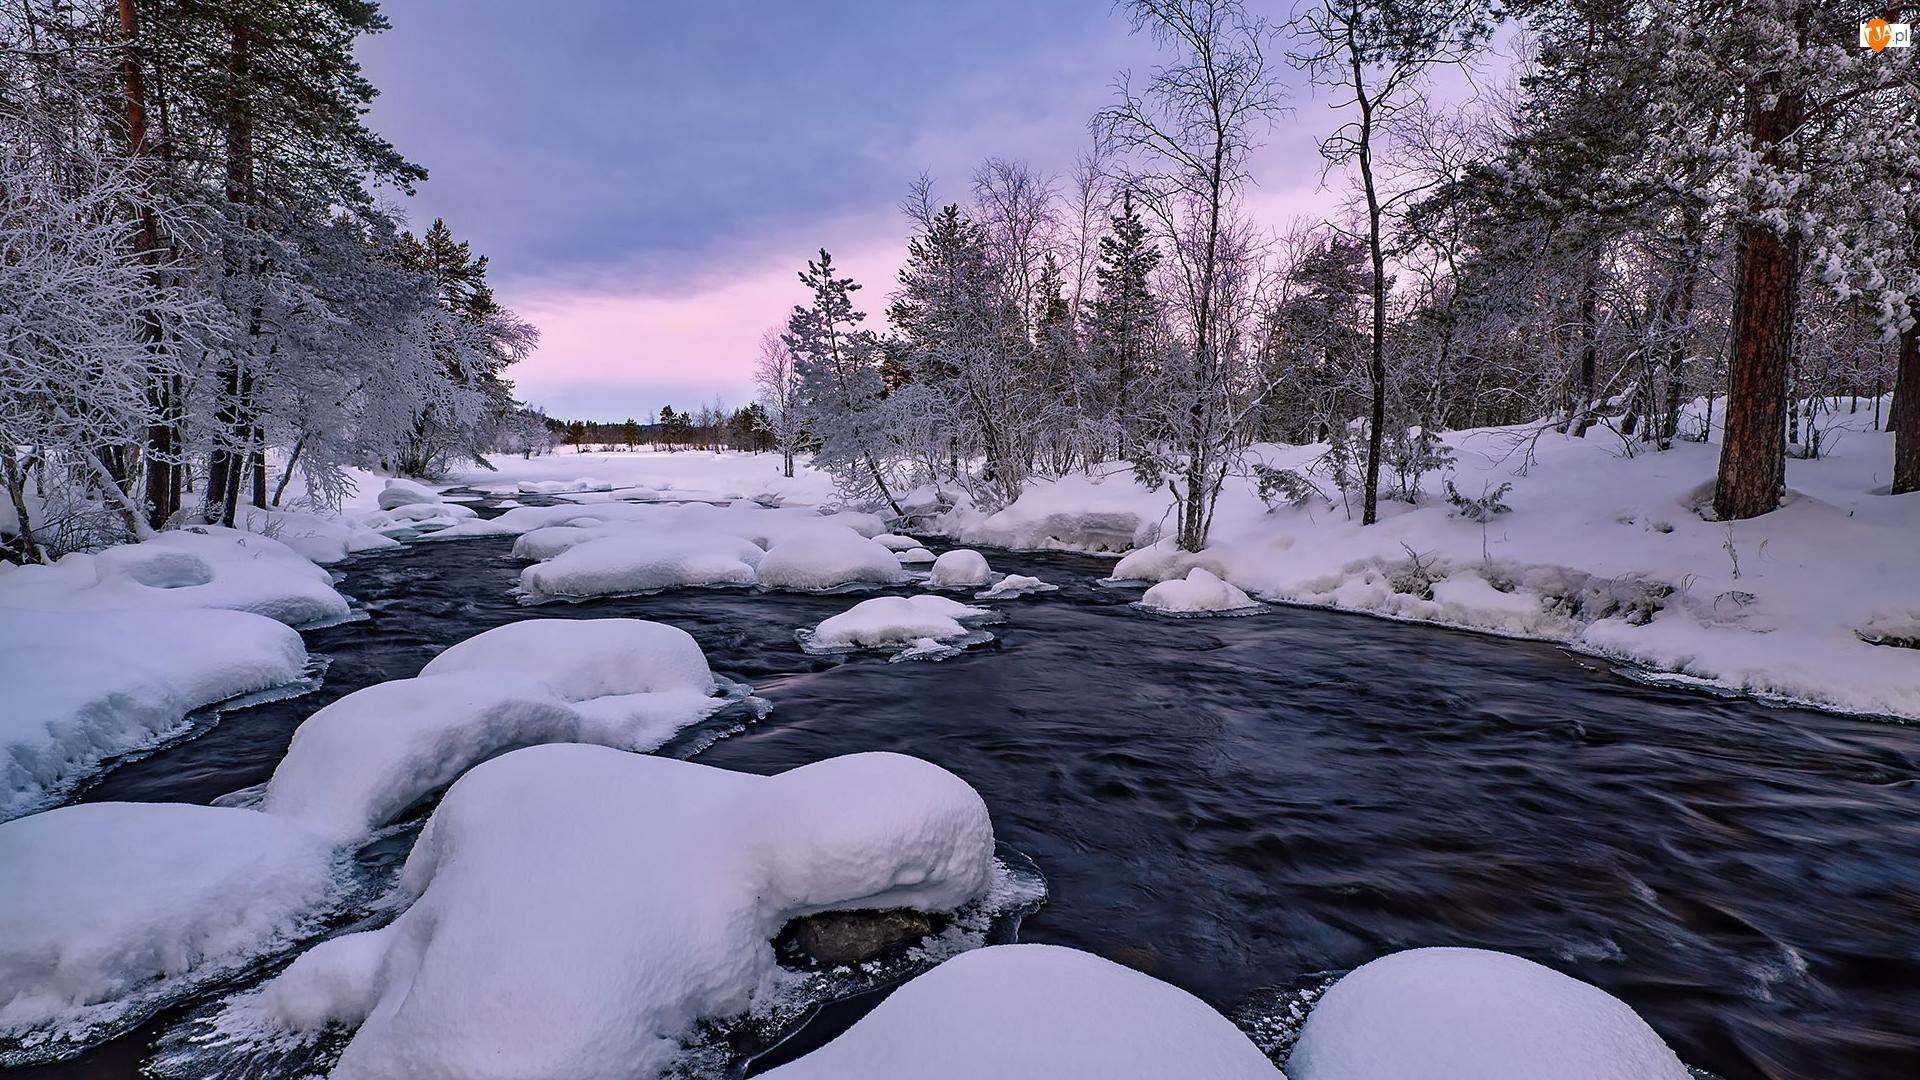 Zaśnieżone, Drzewa, Rzeka, Zima, Kamienie